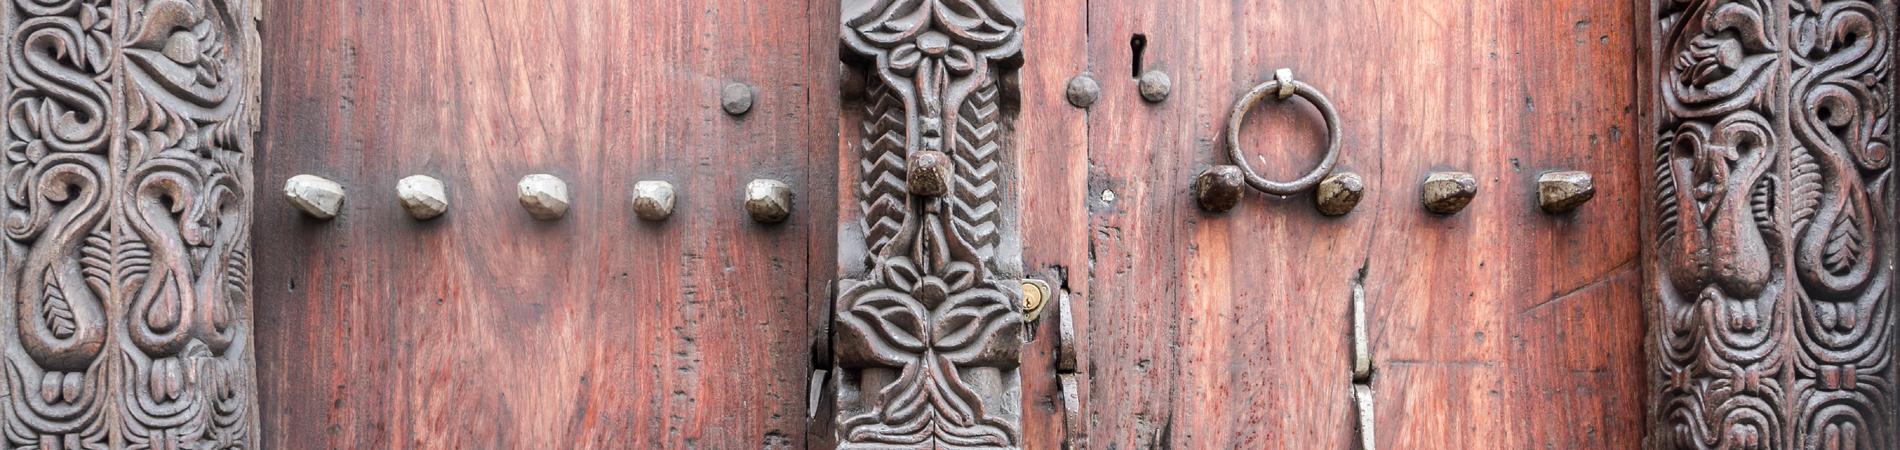 shutterstock znz header stone town door